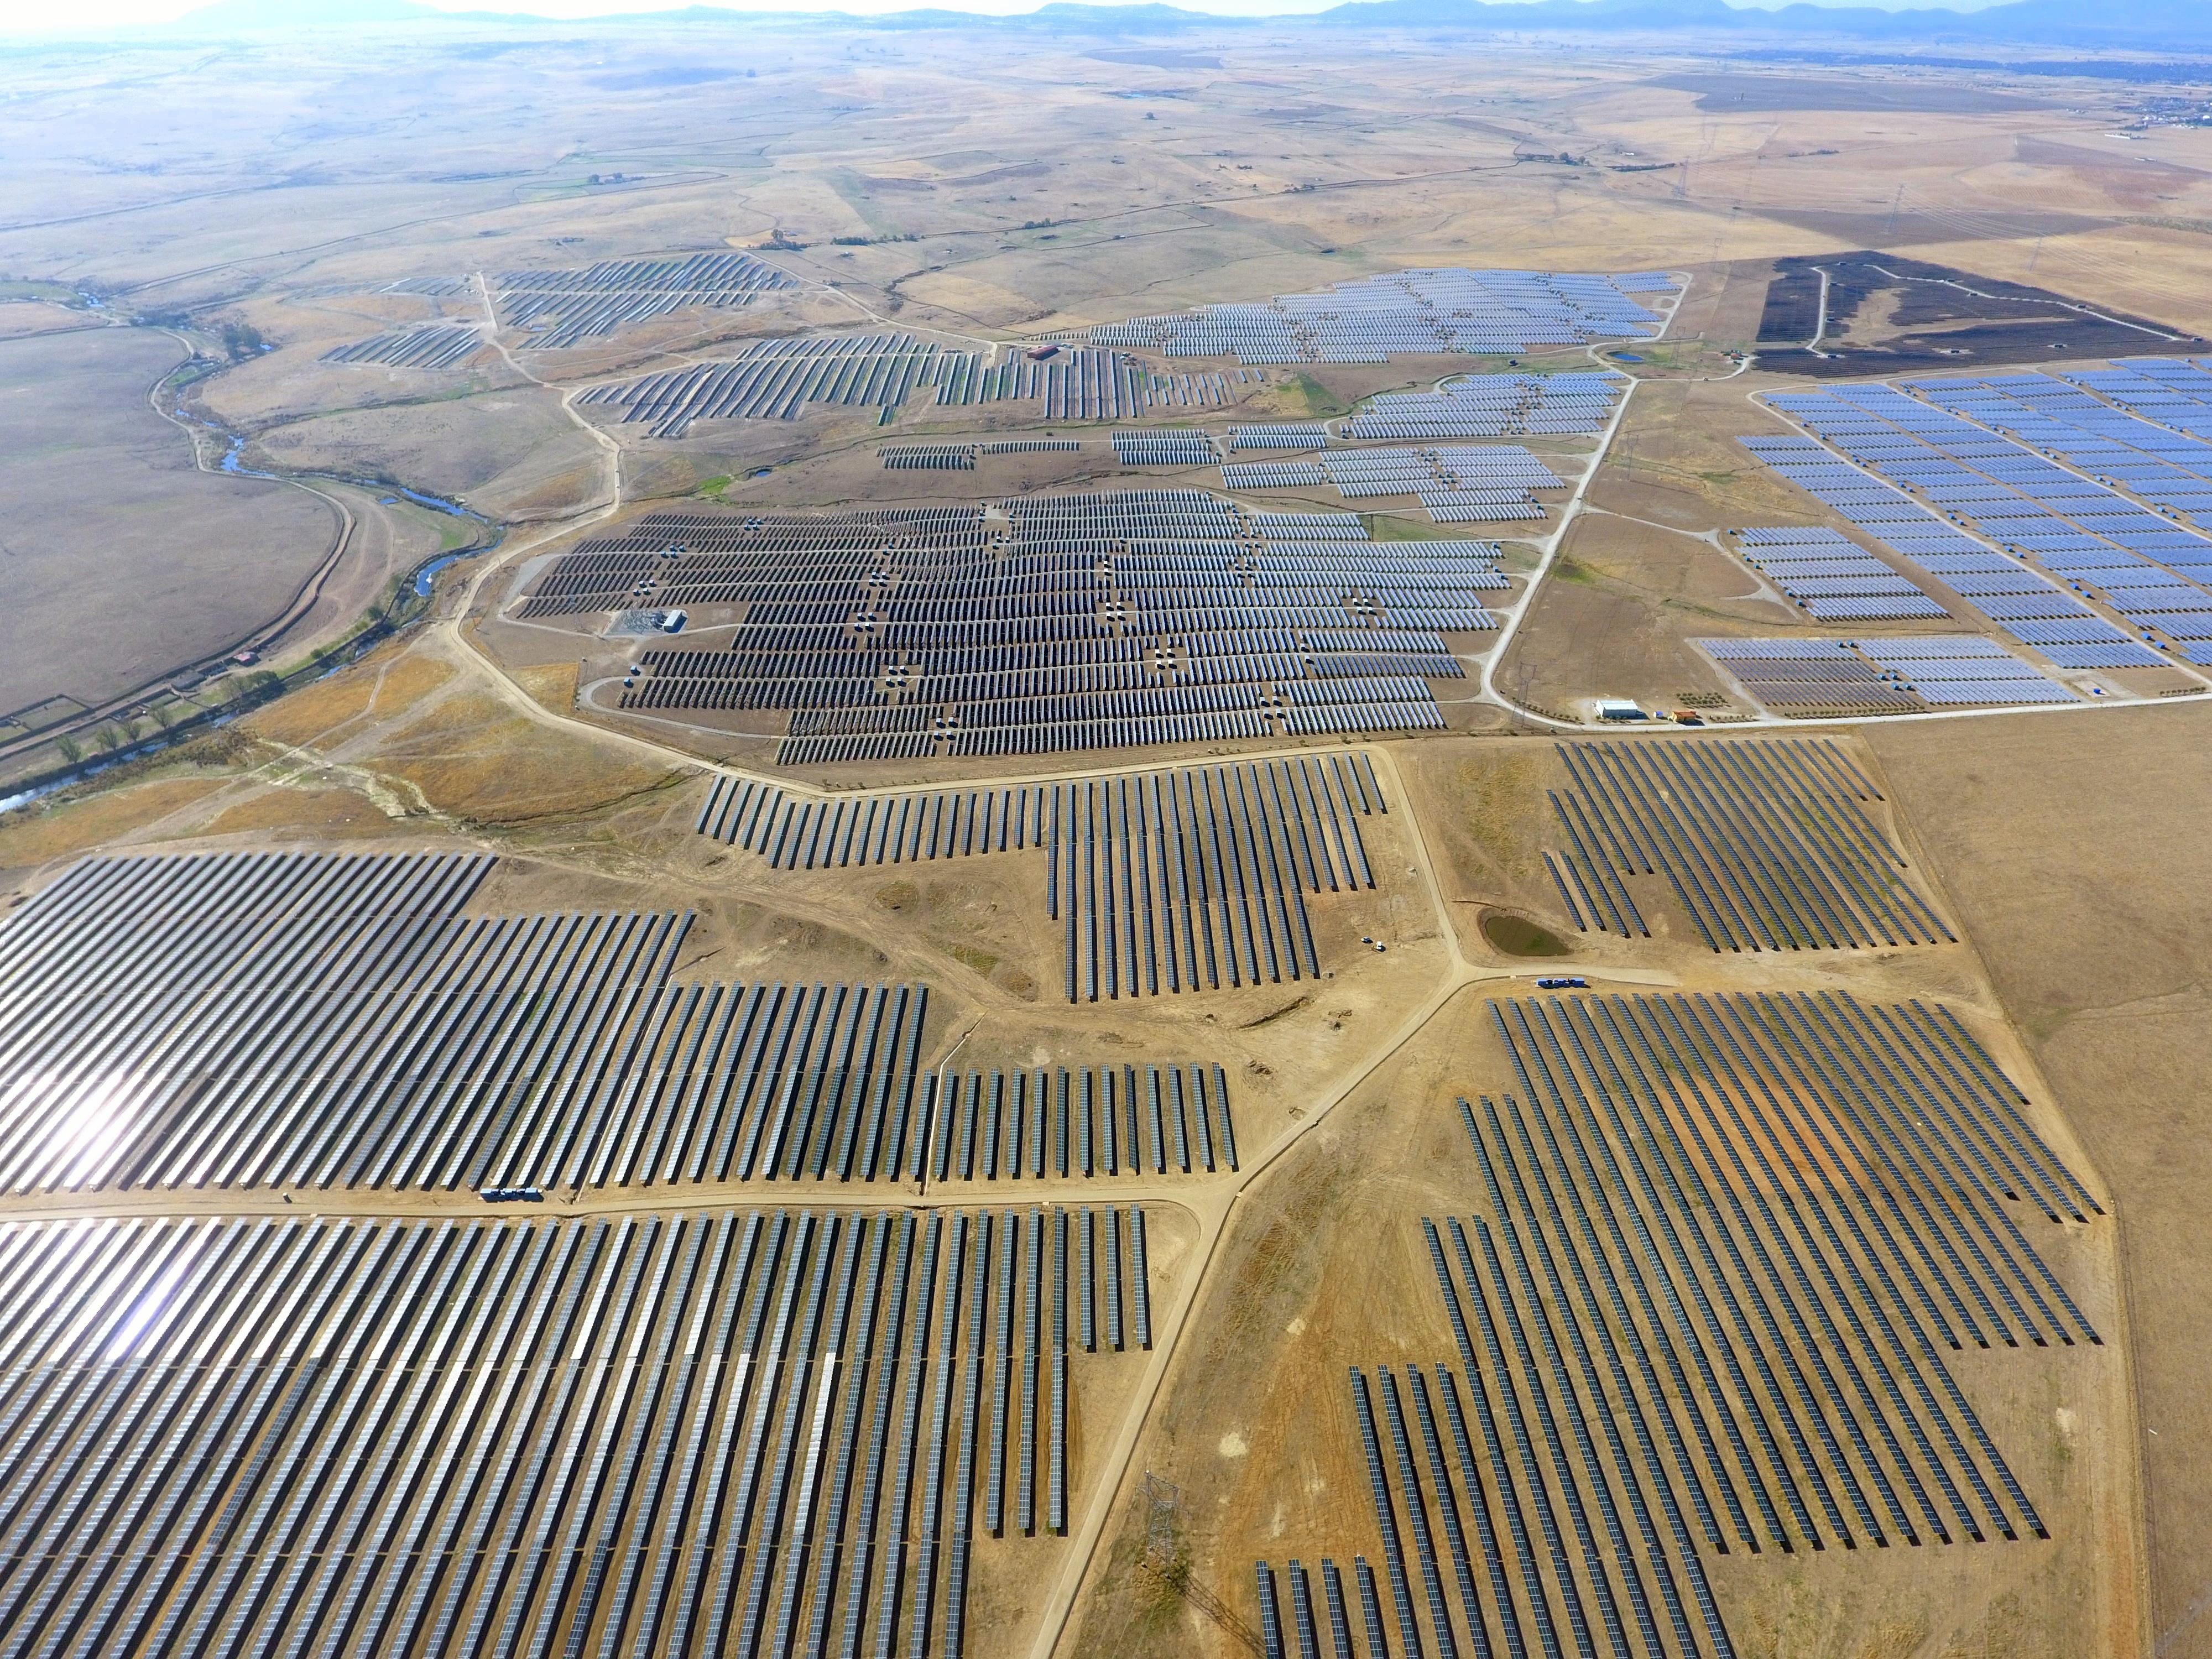 La planta solar 'La Solanilla' de FRV, generará energía limpia suficiente para abastecer 35.000 hogares españoles al año